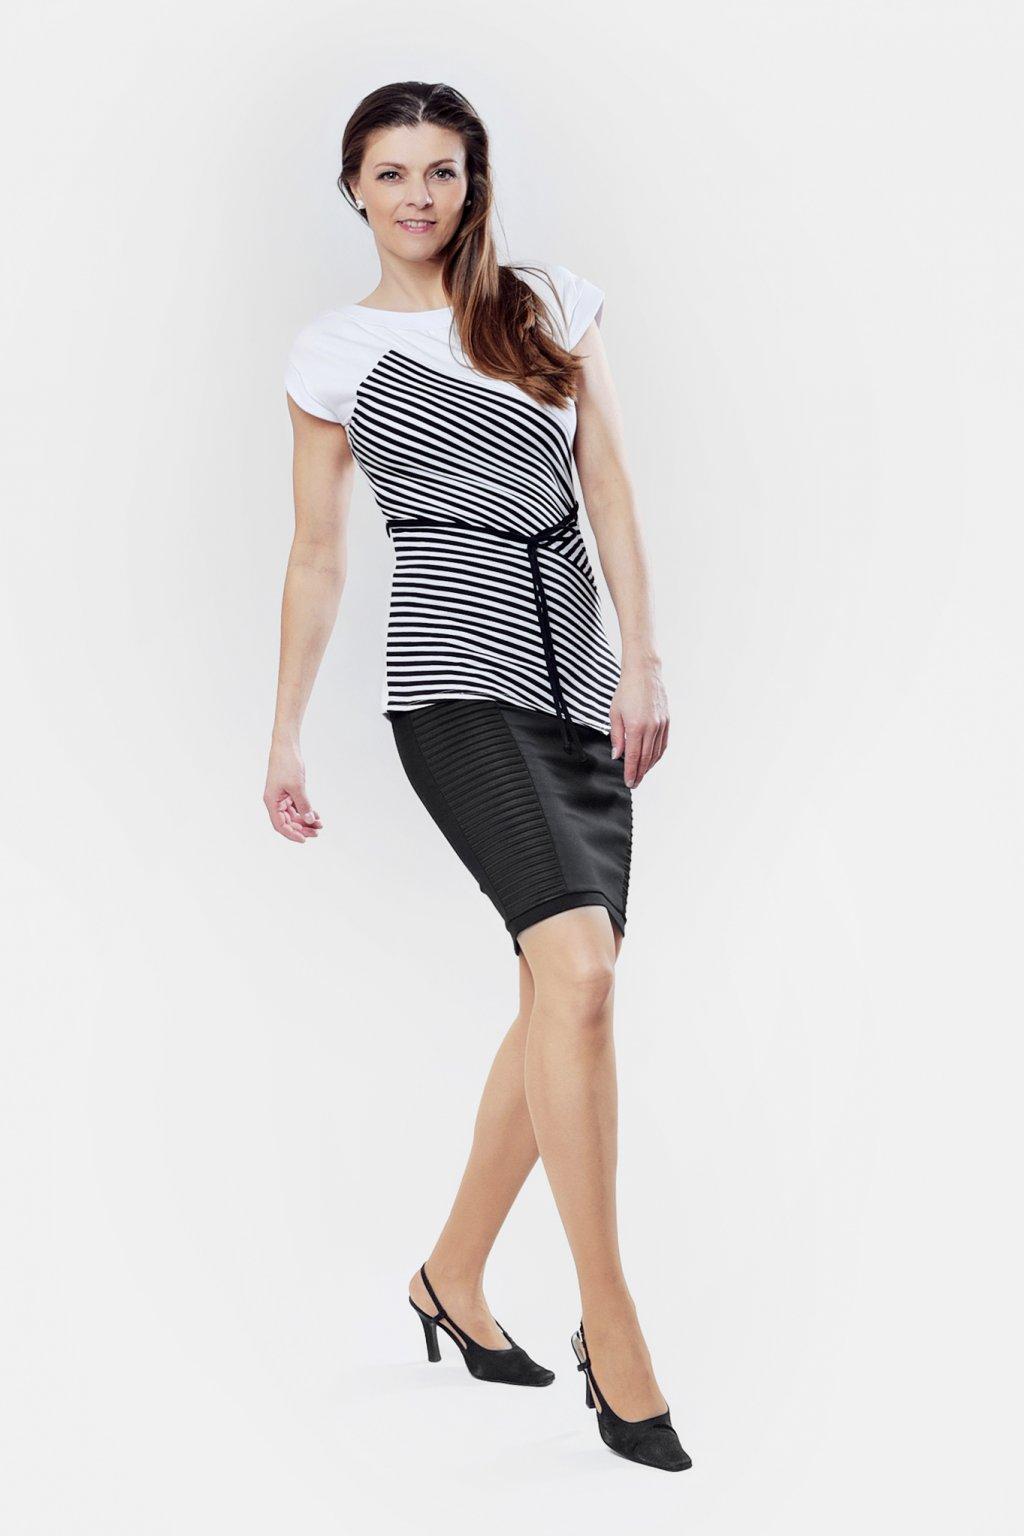 Dámská sukně z plyzé černá pružná dámské triko černo bílé pruhované Goci